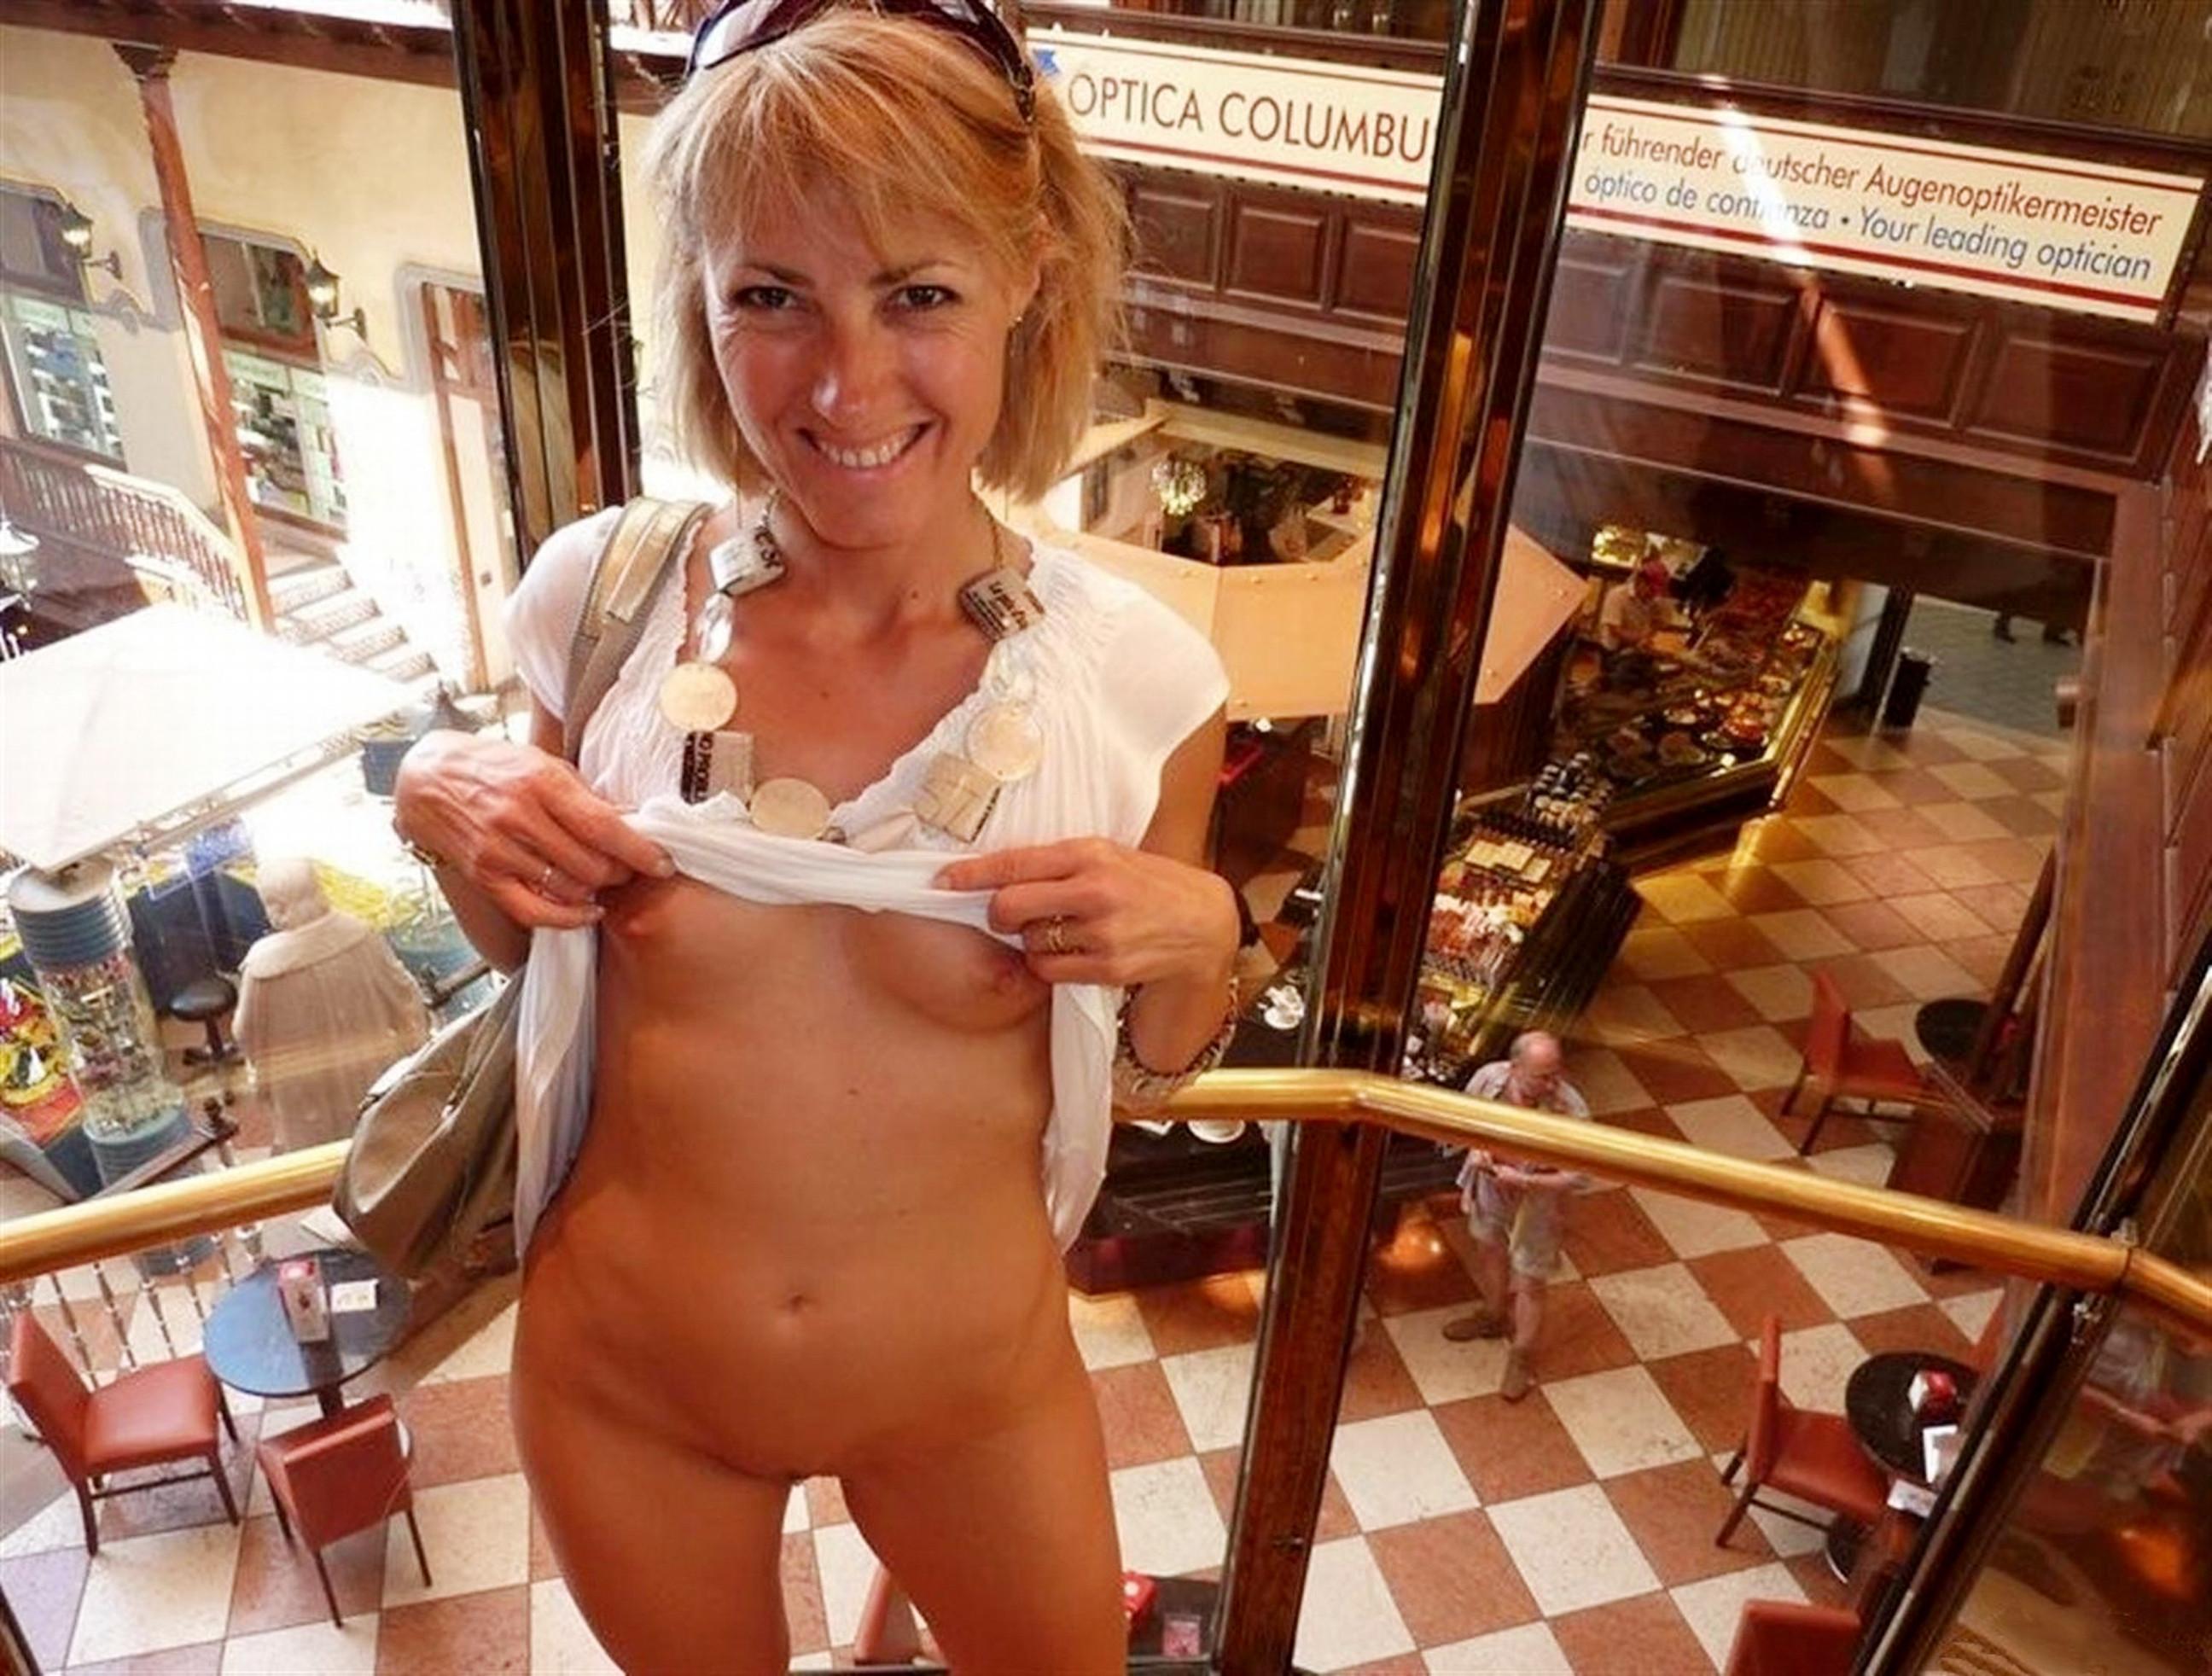 Flash nudity moms adult movies